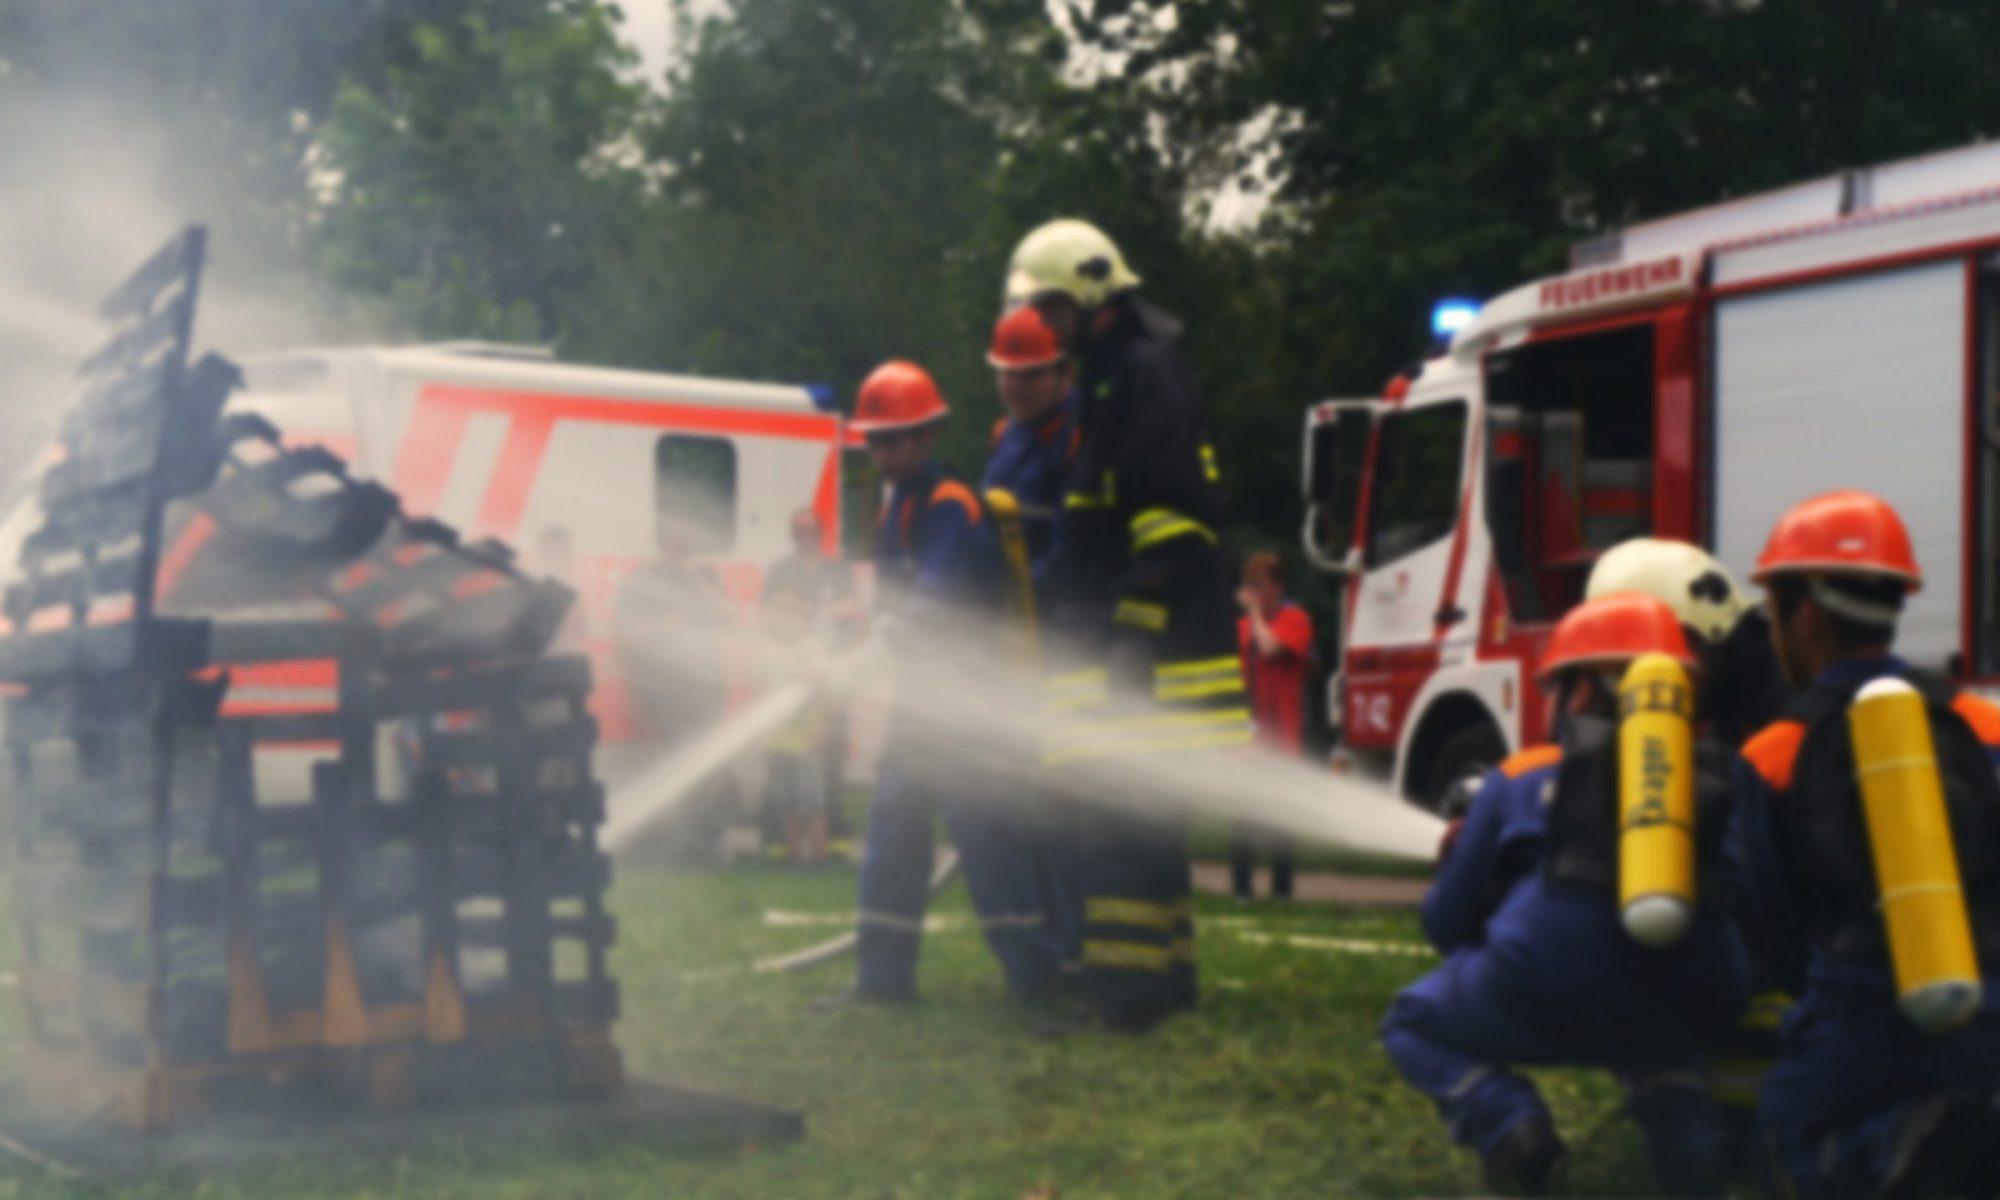 Jugendfeuerwehr EF-Ilversgehofen